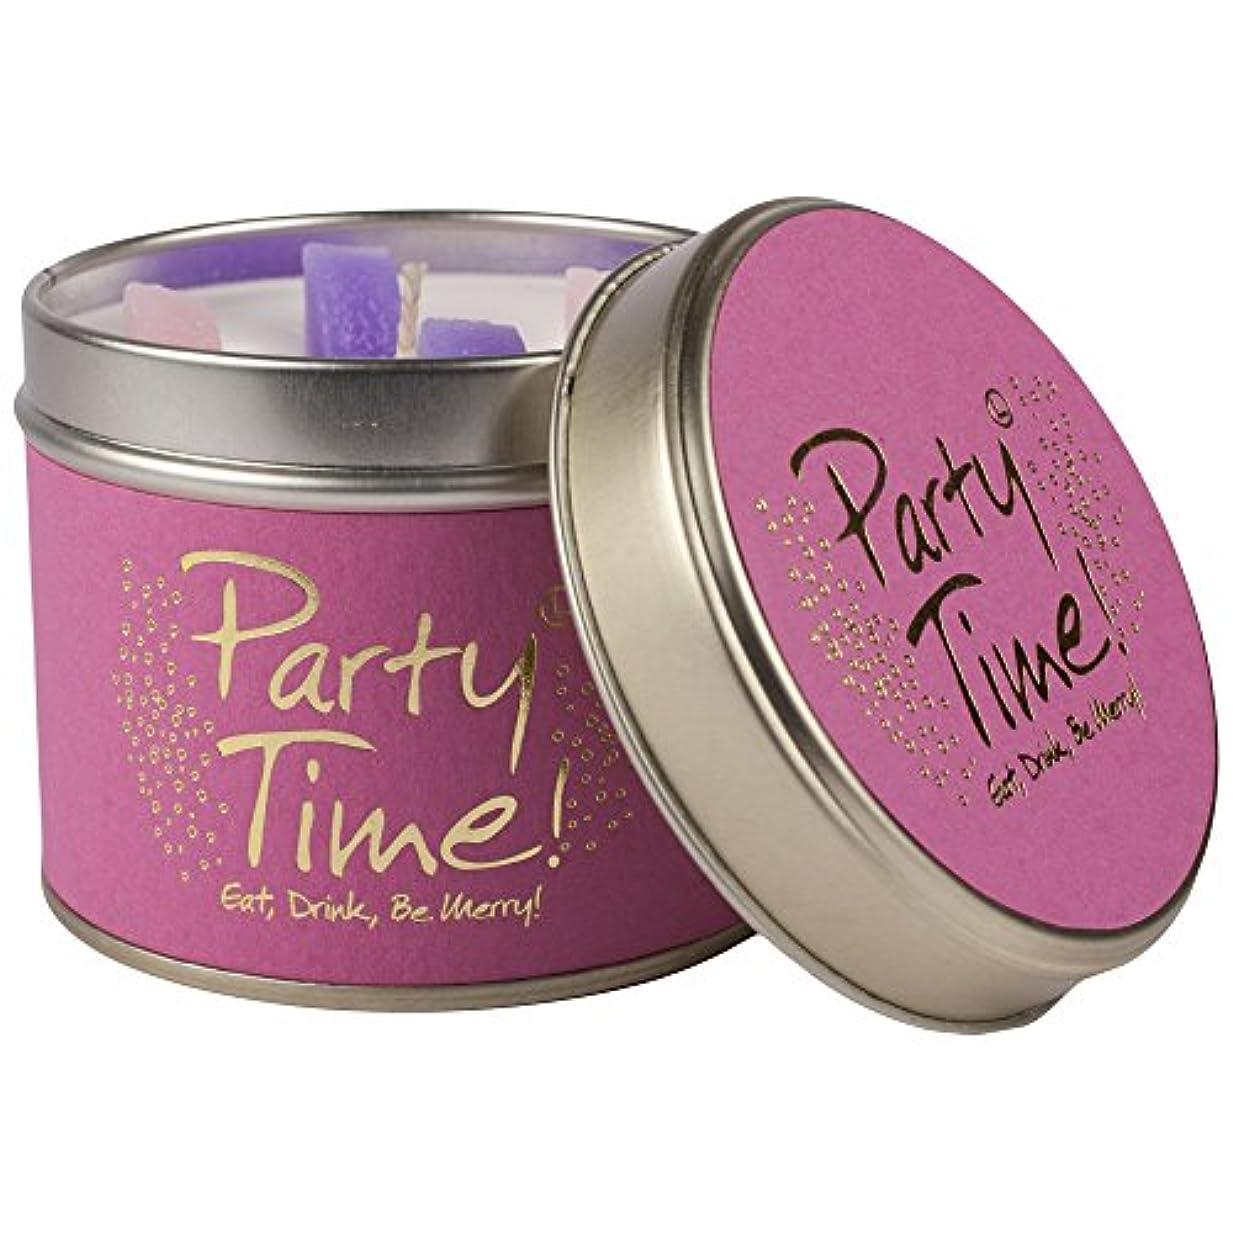 ユリ炎パーティーの時間香りのキャンドルスズ (Lily-Flame) - Lily-Flame Party Time Scented Candle Tin [並行輸入品]